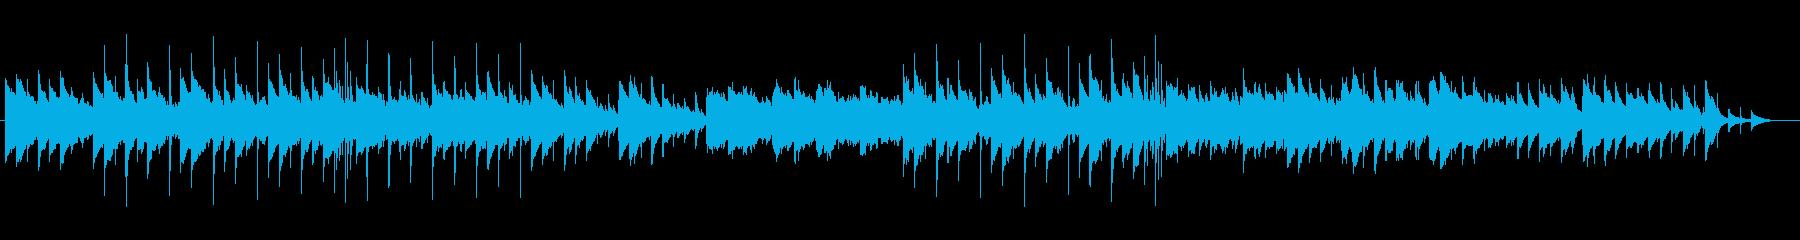 煌びやかで可憐なオルゴール風メロディーの再生済みの波形